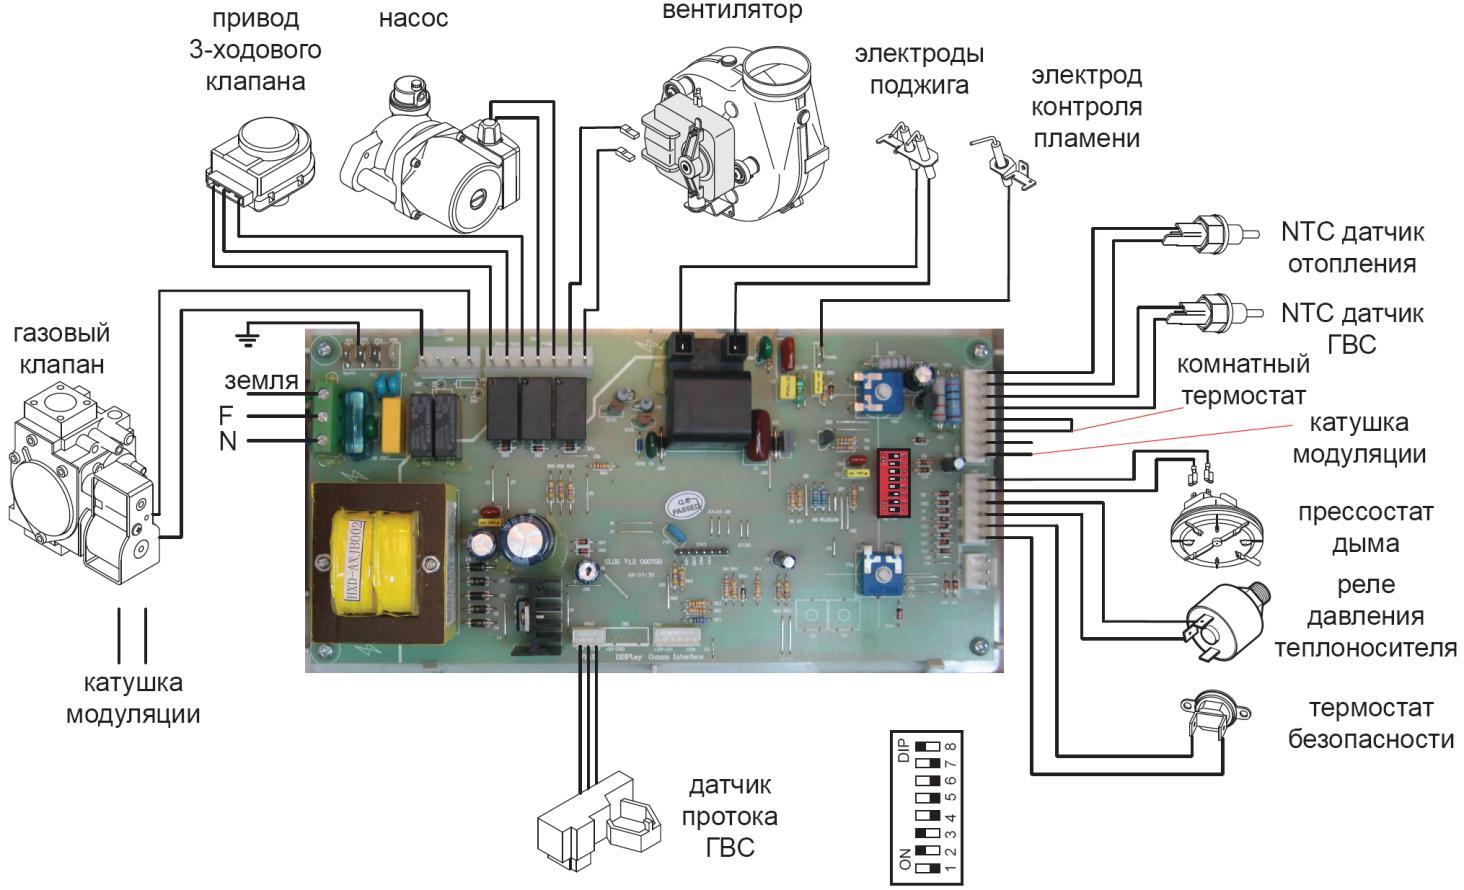 Схема блока управления газовых колонок